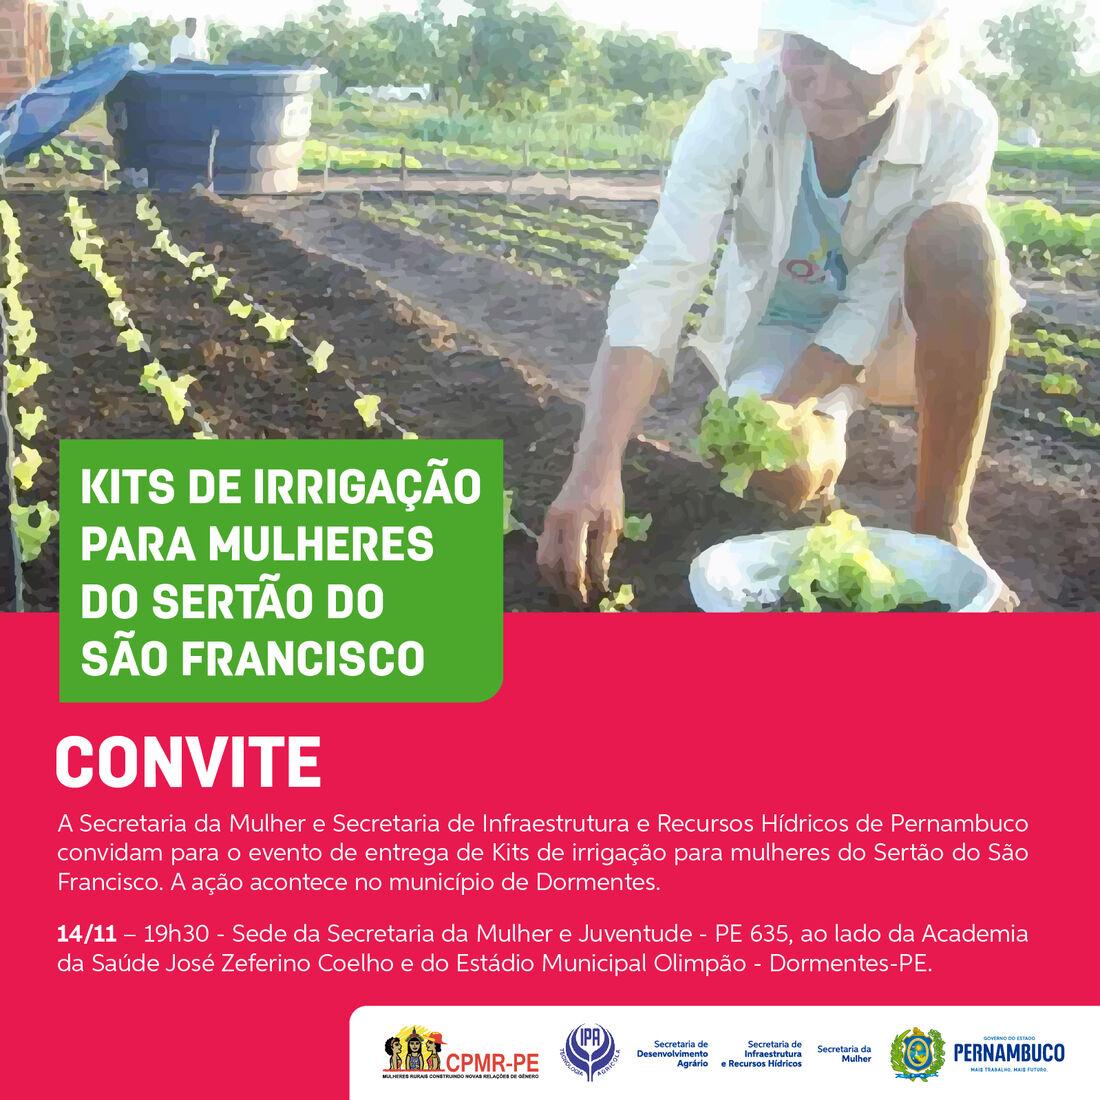 A iniciativa tem o objetivo de incrementar a produção agrícola na região semiárida do Estado